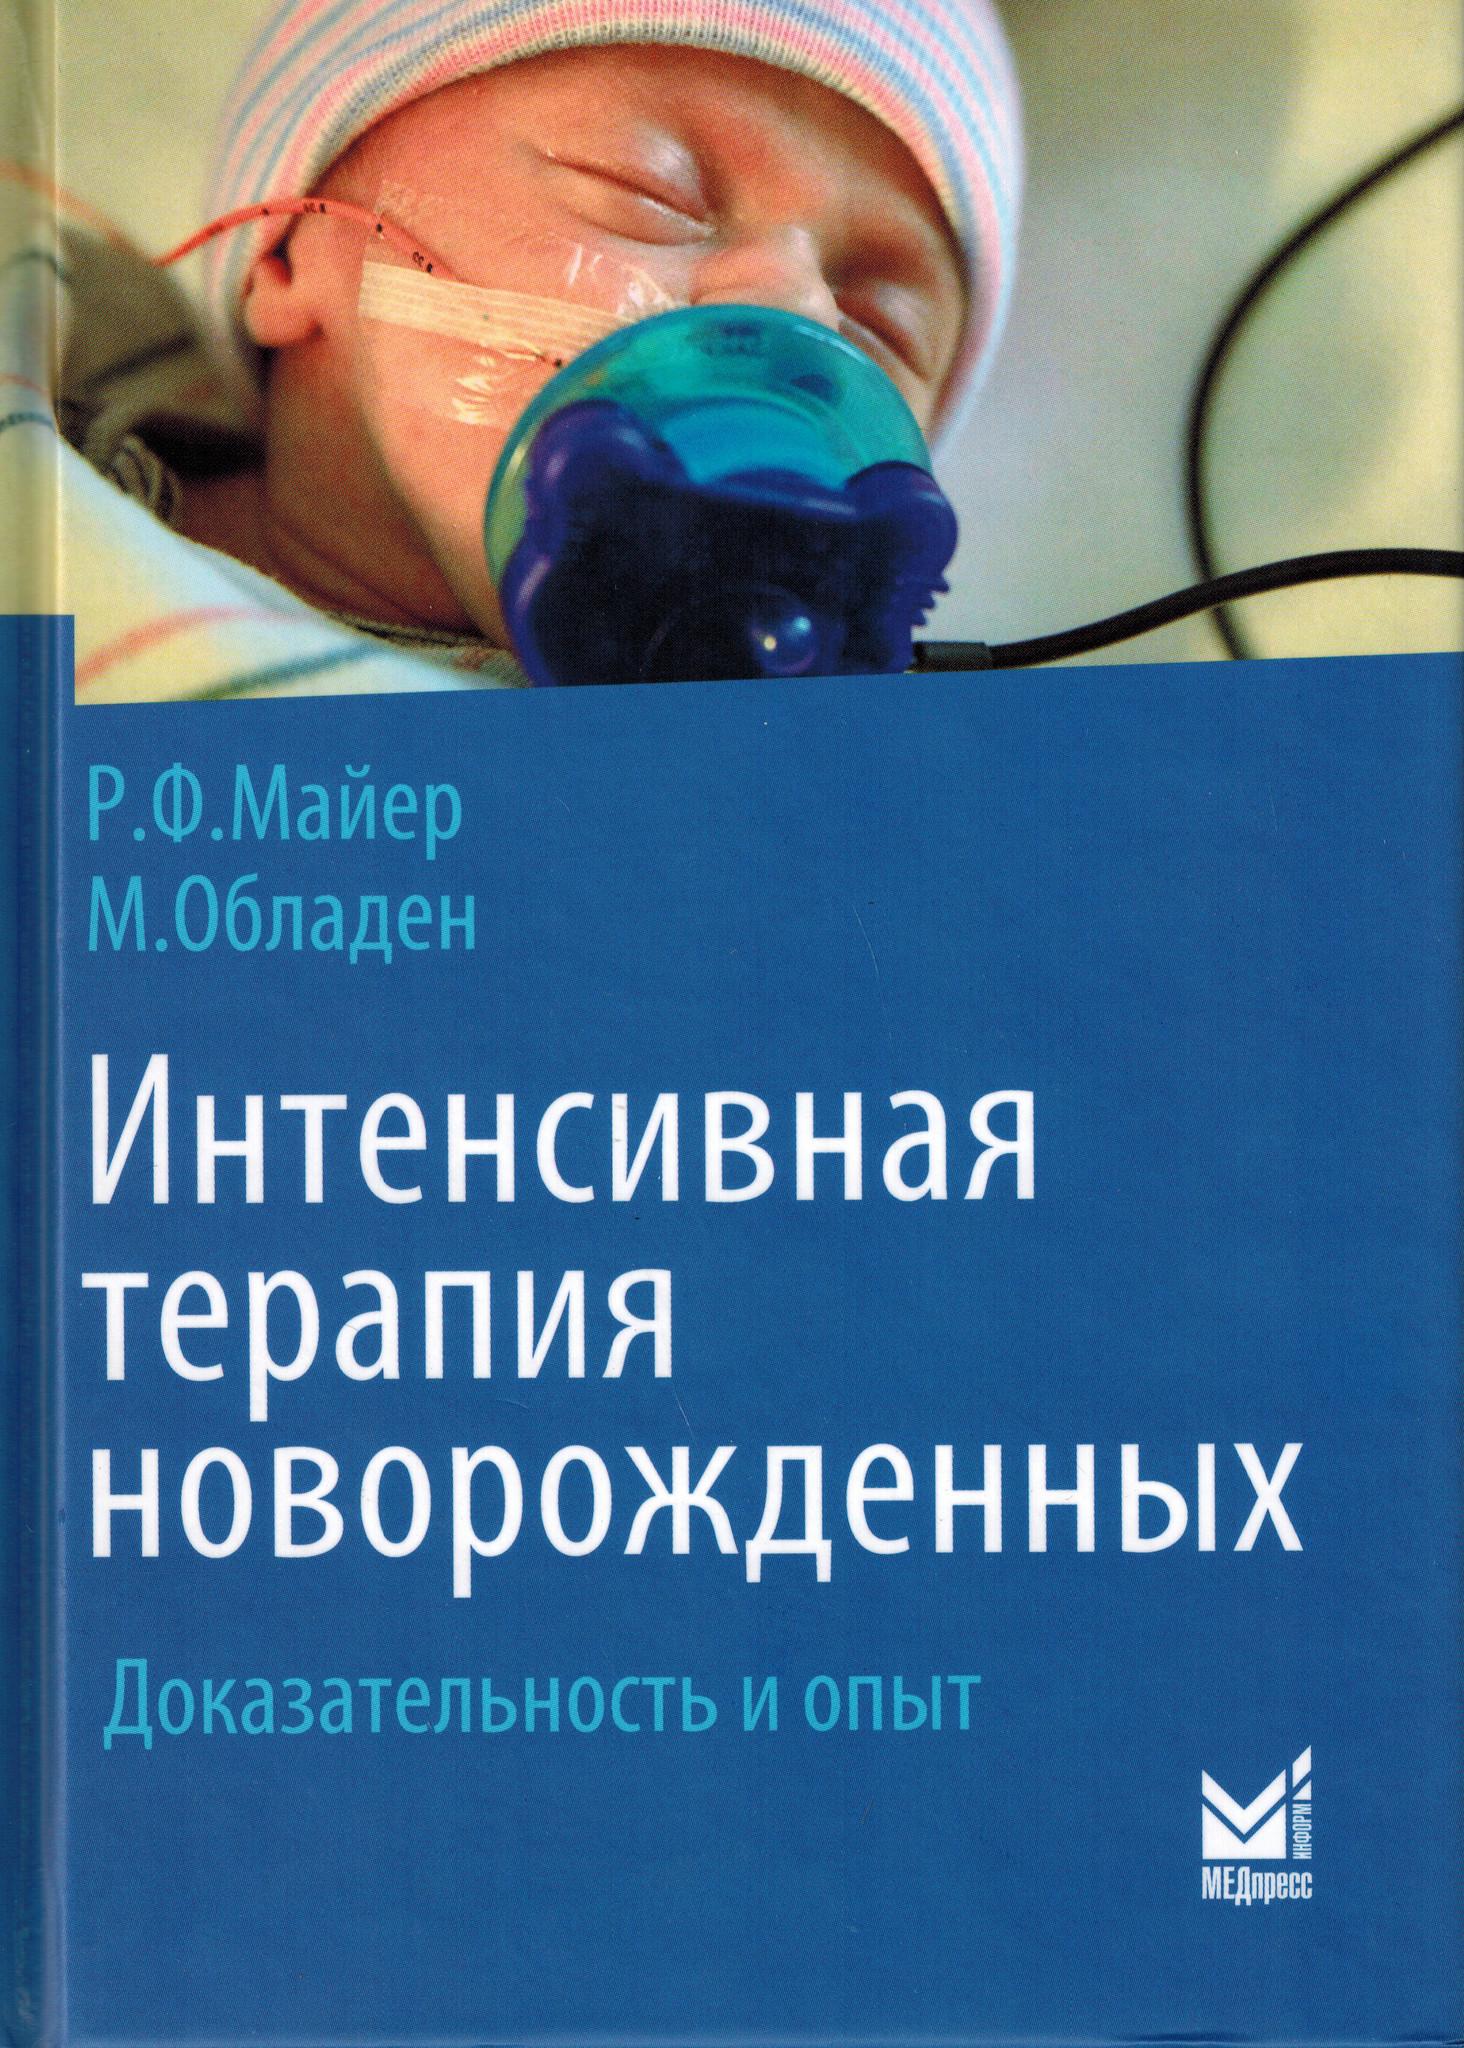 Руководства по скорой помощи Интенсивная терапия новорожденных. Доказательность и опыт int_terap_novor.jpg